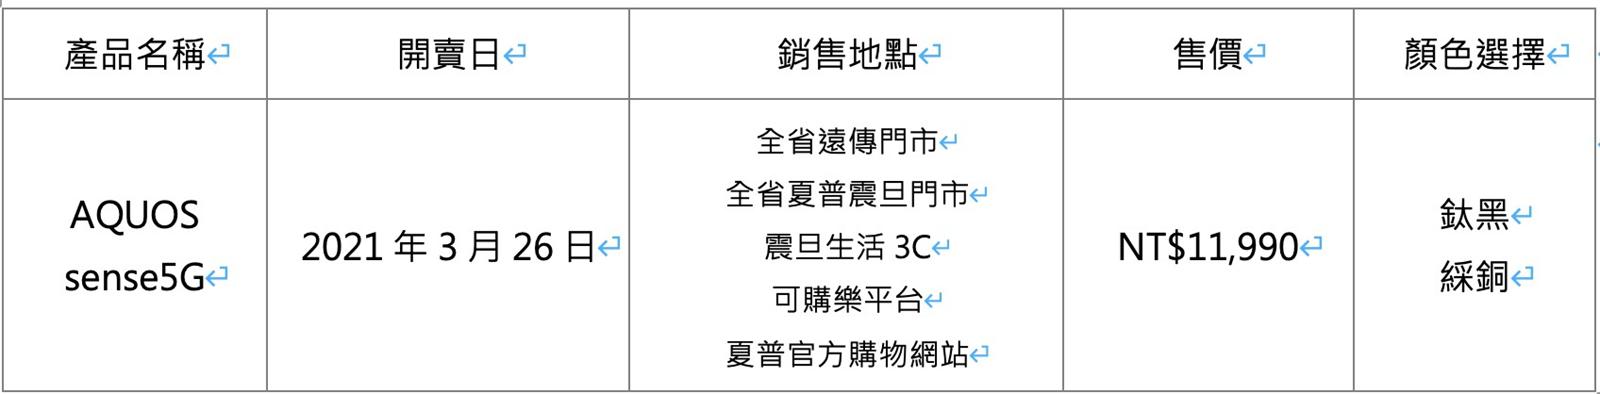 夏普 SHARP AQUOS sense5G 親民價格體驗 5G 世代 鎂型敏捷 可靠於手 @3C 達人廖阿輝